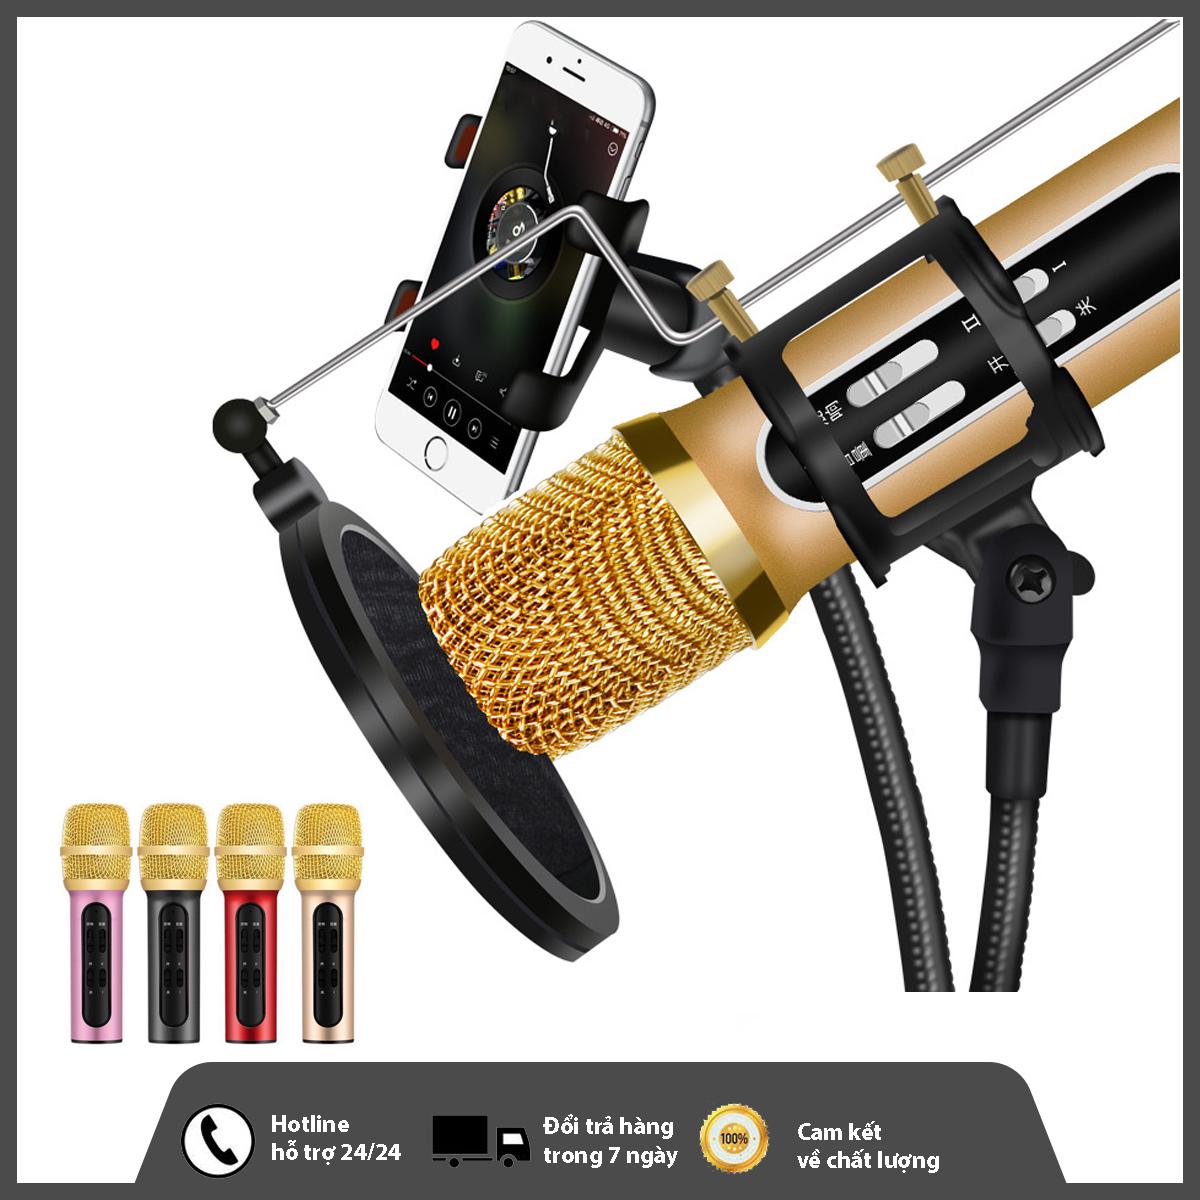 Bộ Micro C11 Live Stream, Hát Karaoke Chuyên Nghiệp Mới, Đầy Đủ Phụ Kiện Tai Nghe, Cáp Sạc, Dây Live, Dây Lấy Nhạc ...Bảo Hành 12 Tháng